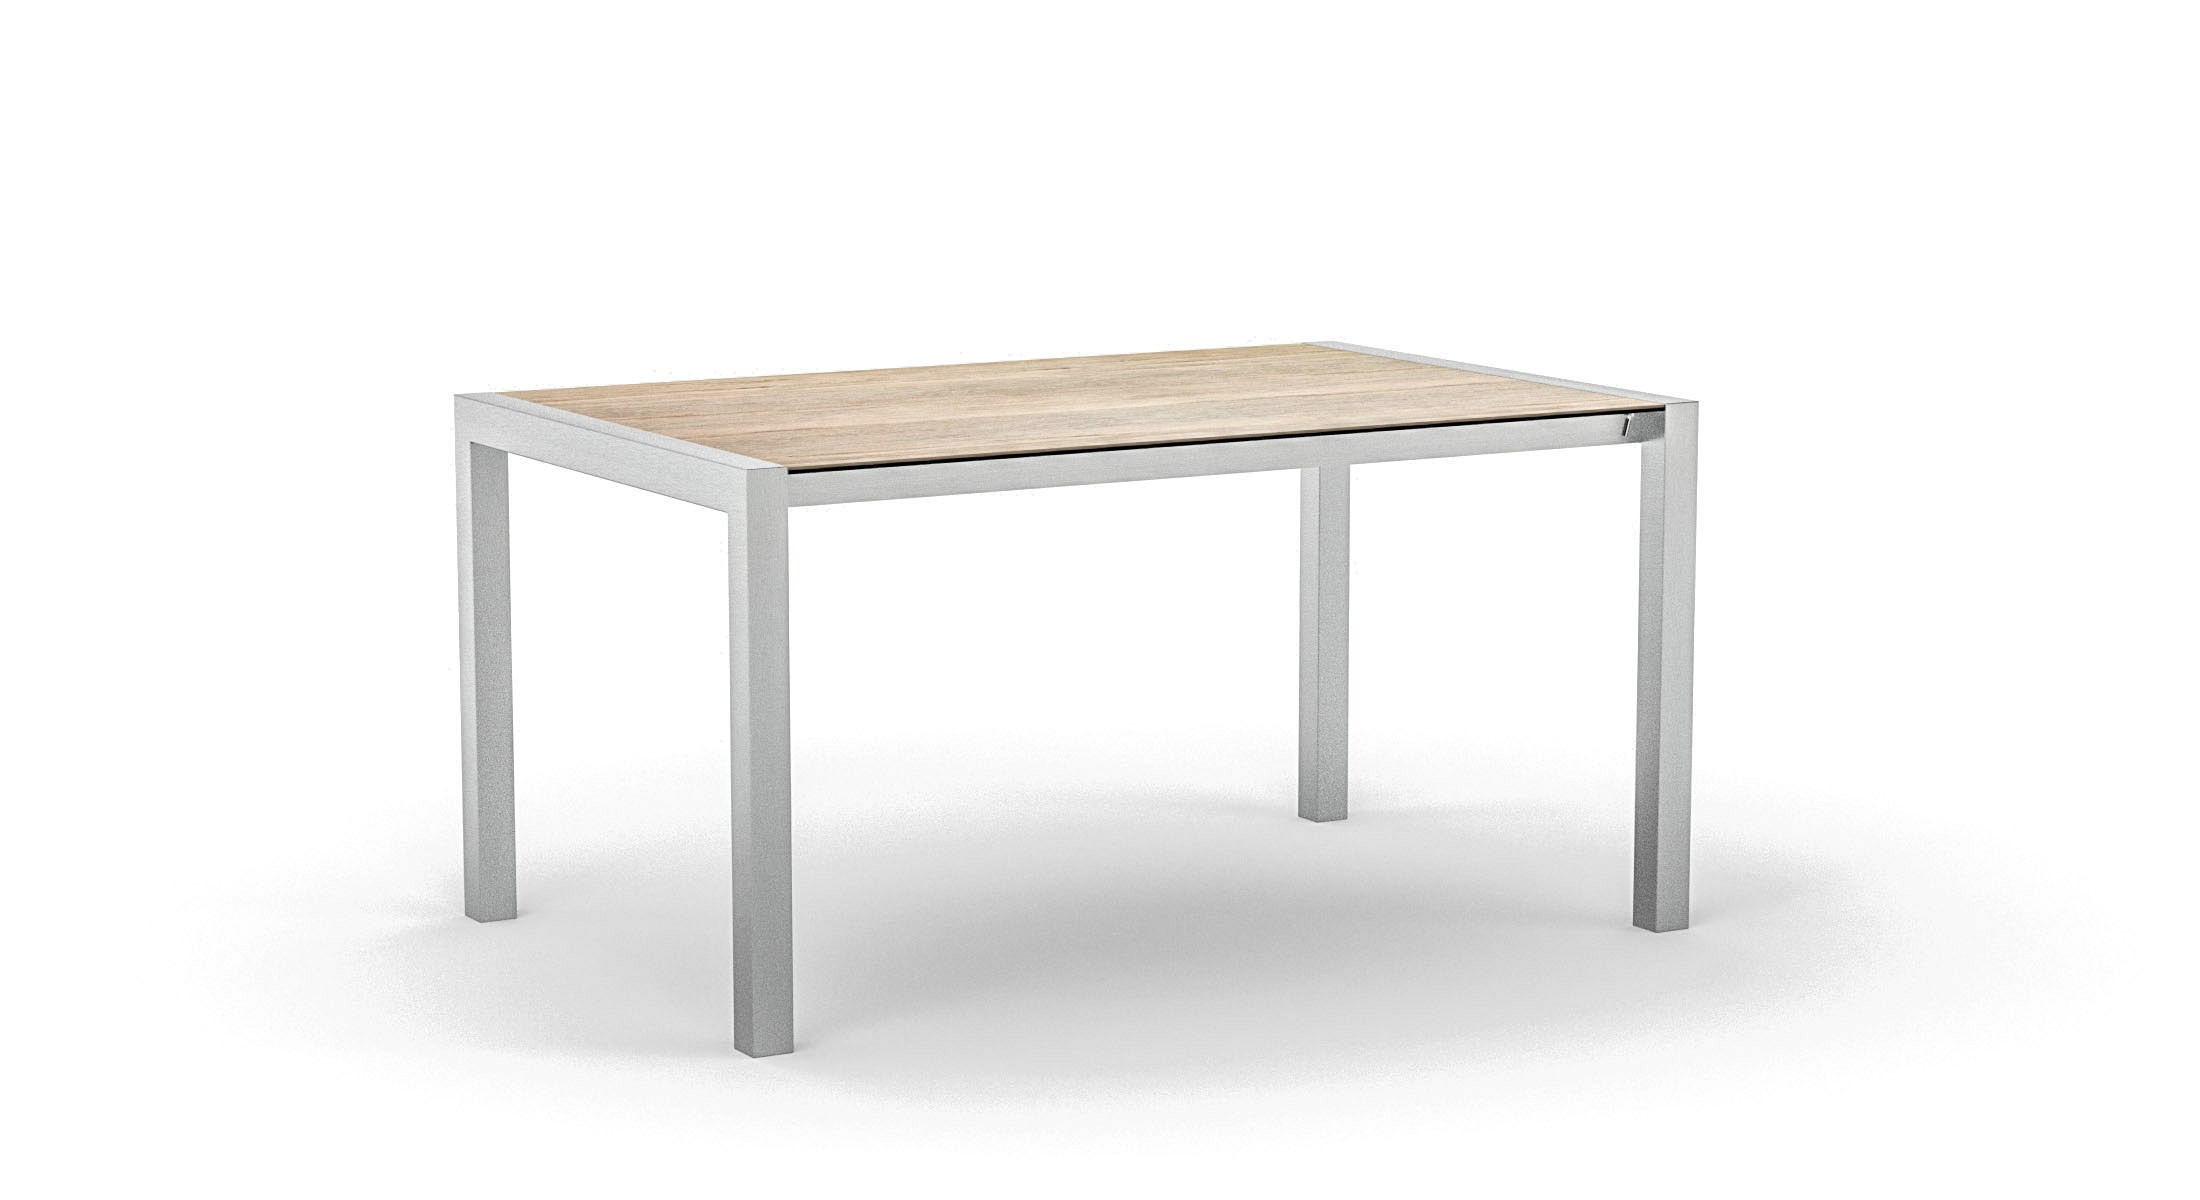 Sydney stół rozkładany 155-215 cm